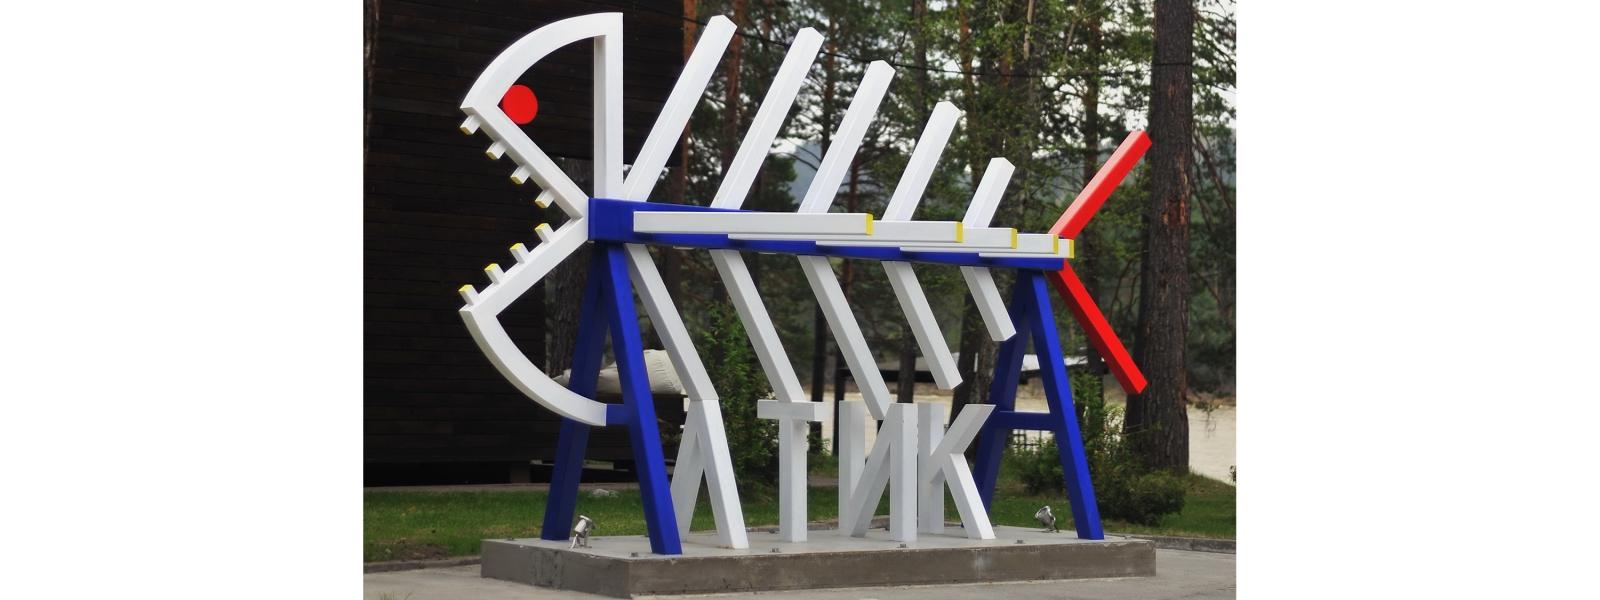 work-Парковая скульптура на территории эко-отеля «Алтика» в Горном Алтае